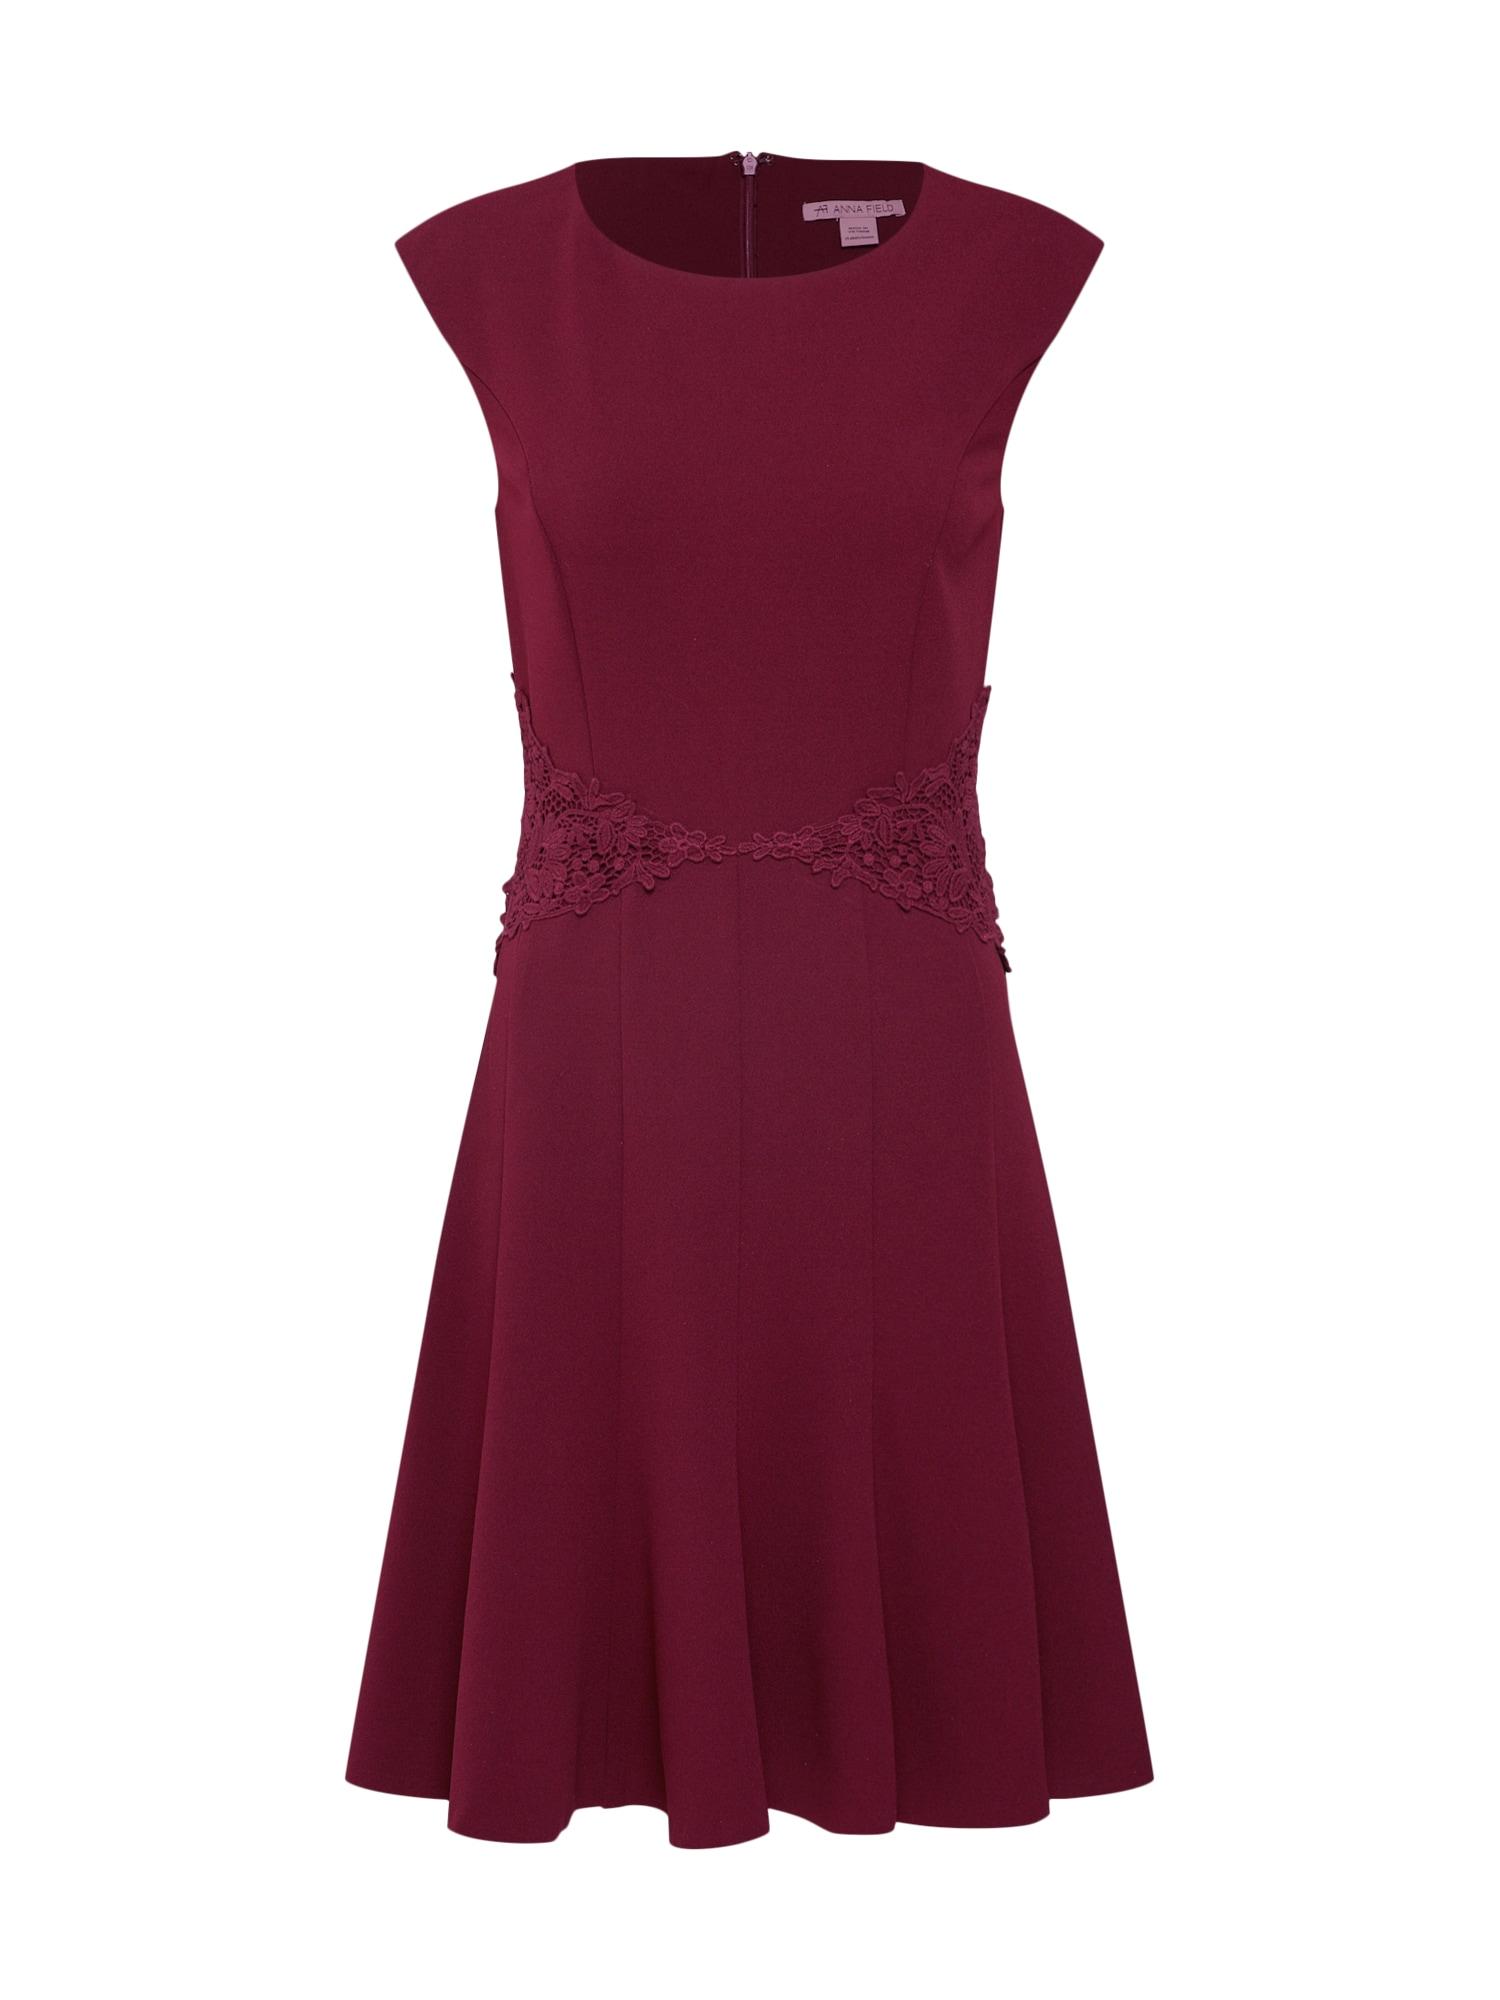 Letní šaty Jersey Dress with Lace Belt and Flared Skirt vínově červená Anna Field